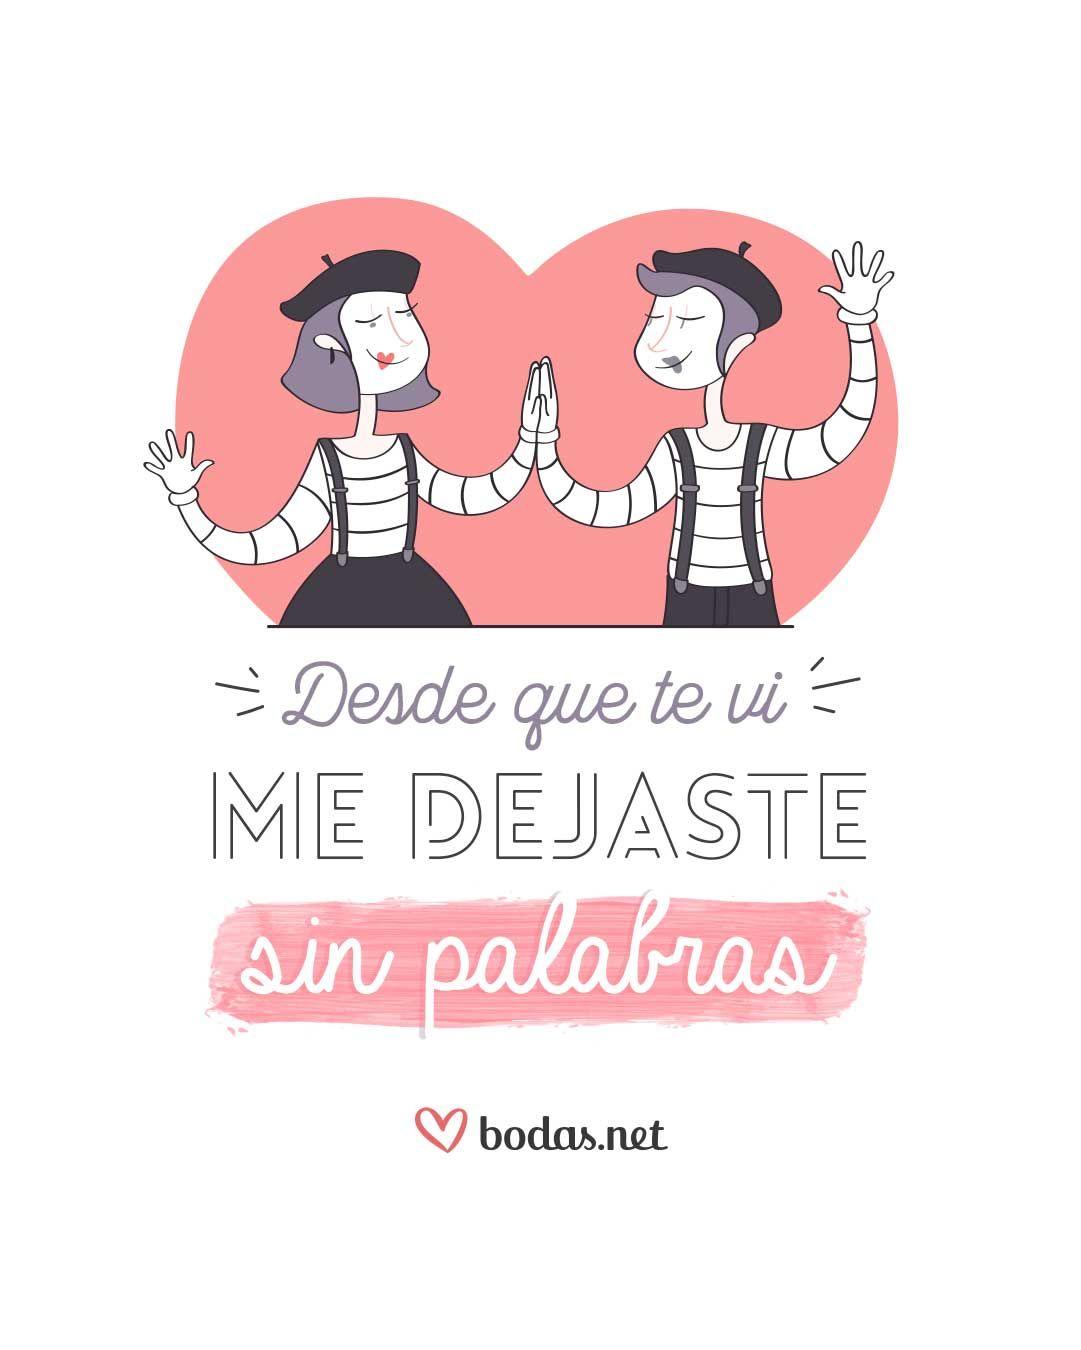 Frases románticas #bodas #bodasnet #wedding #matrimonio #frases #romantic  #quotes #brideandgroom #love | Phrase, Amor, Wedding couples